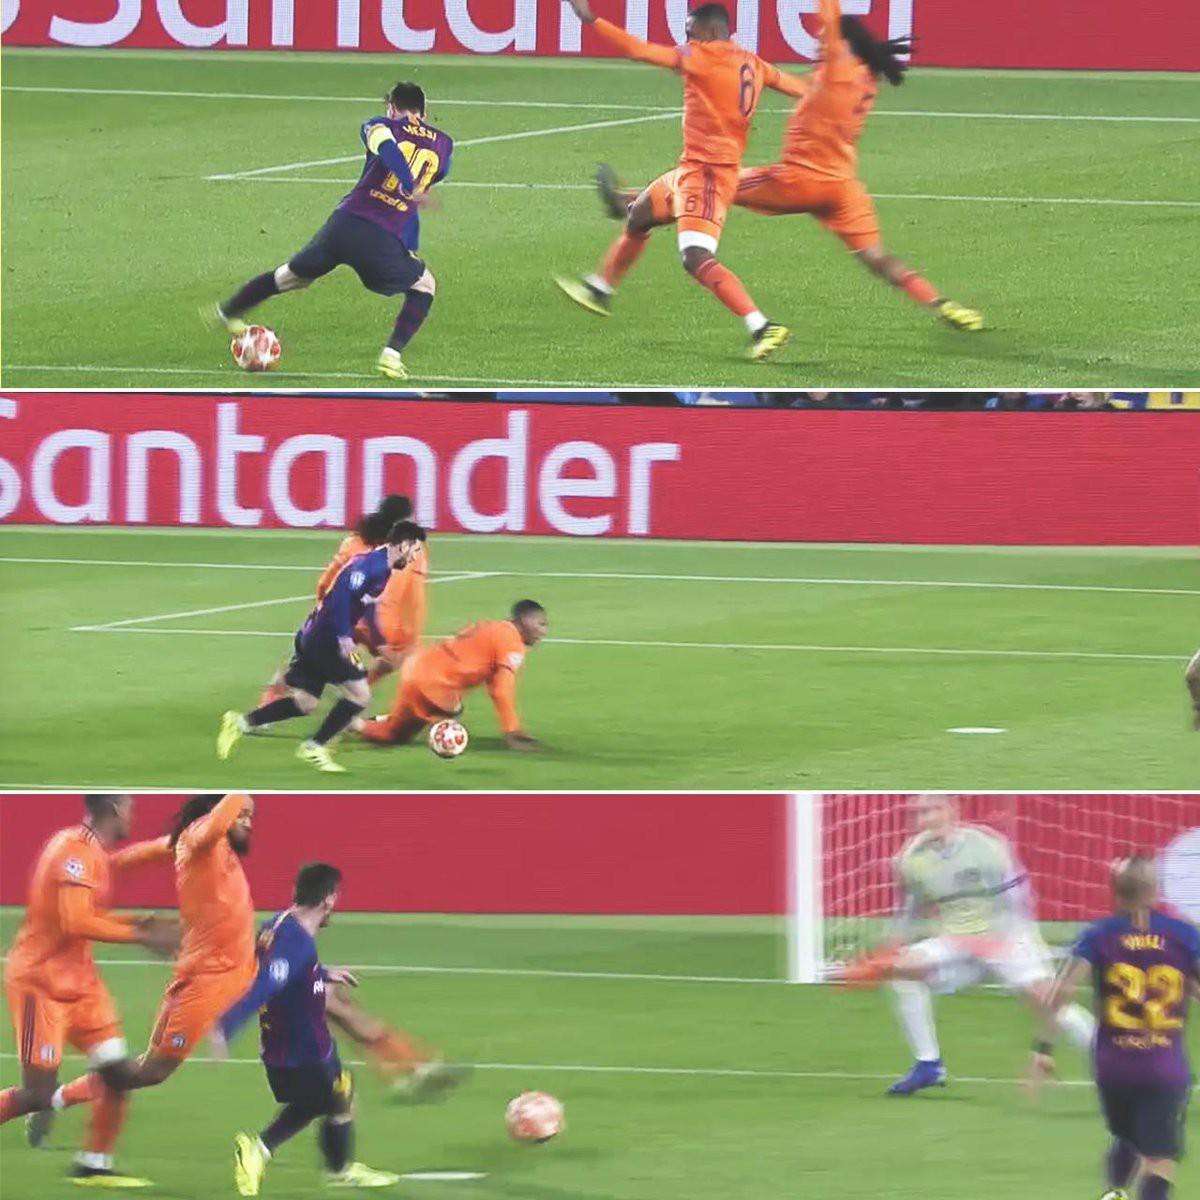 Ronaldo gọi, Messi trả lời: Bọ chét nguyên tử trình diễn phong độ thần thánh trong chiến thắng hủy diệt 5-1 trước Lyon (Pháp) - Ảnh 9.